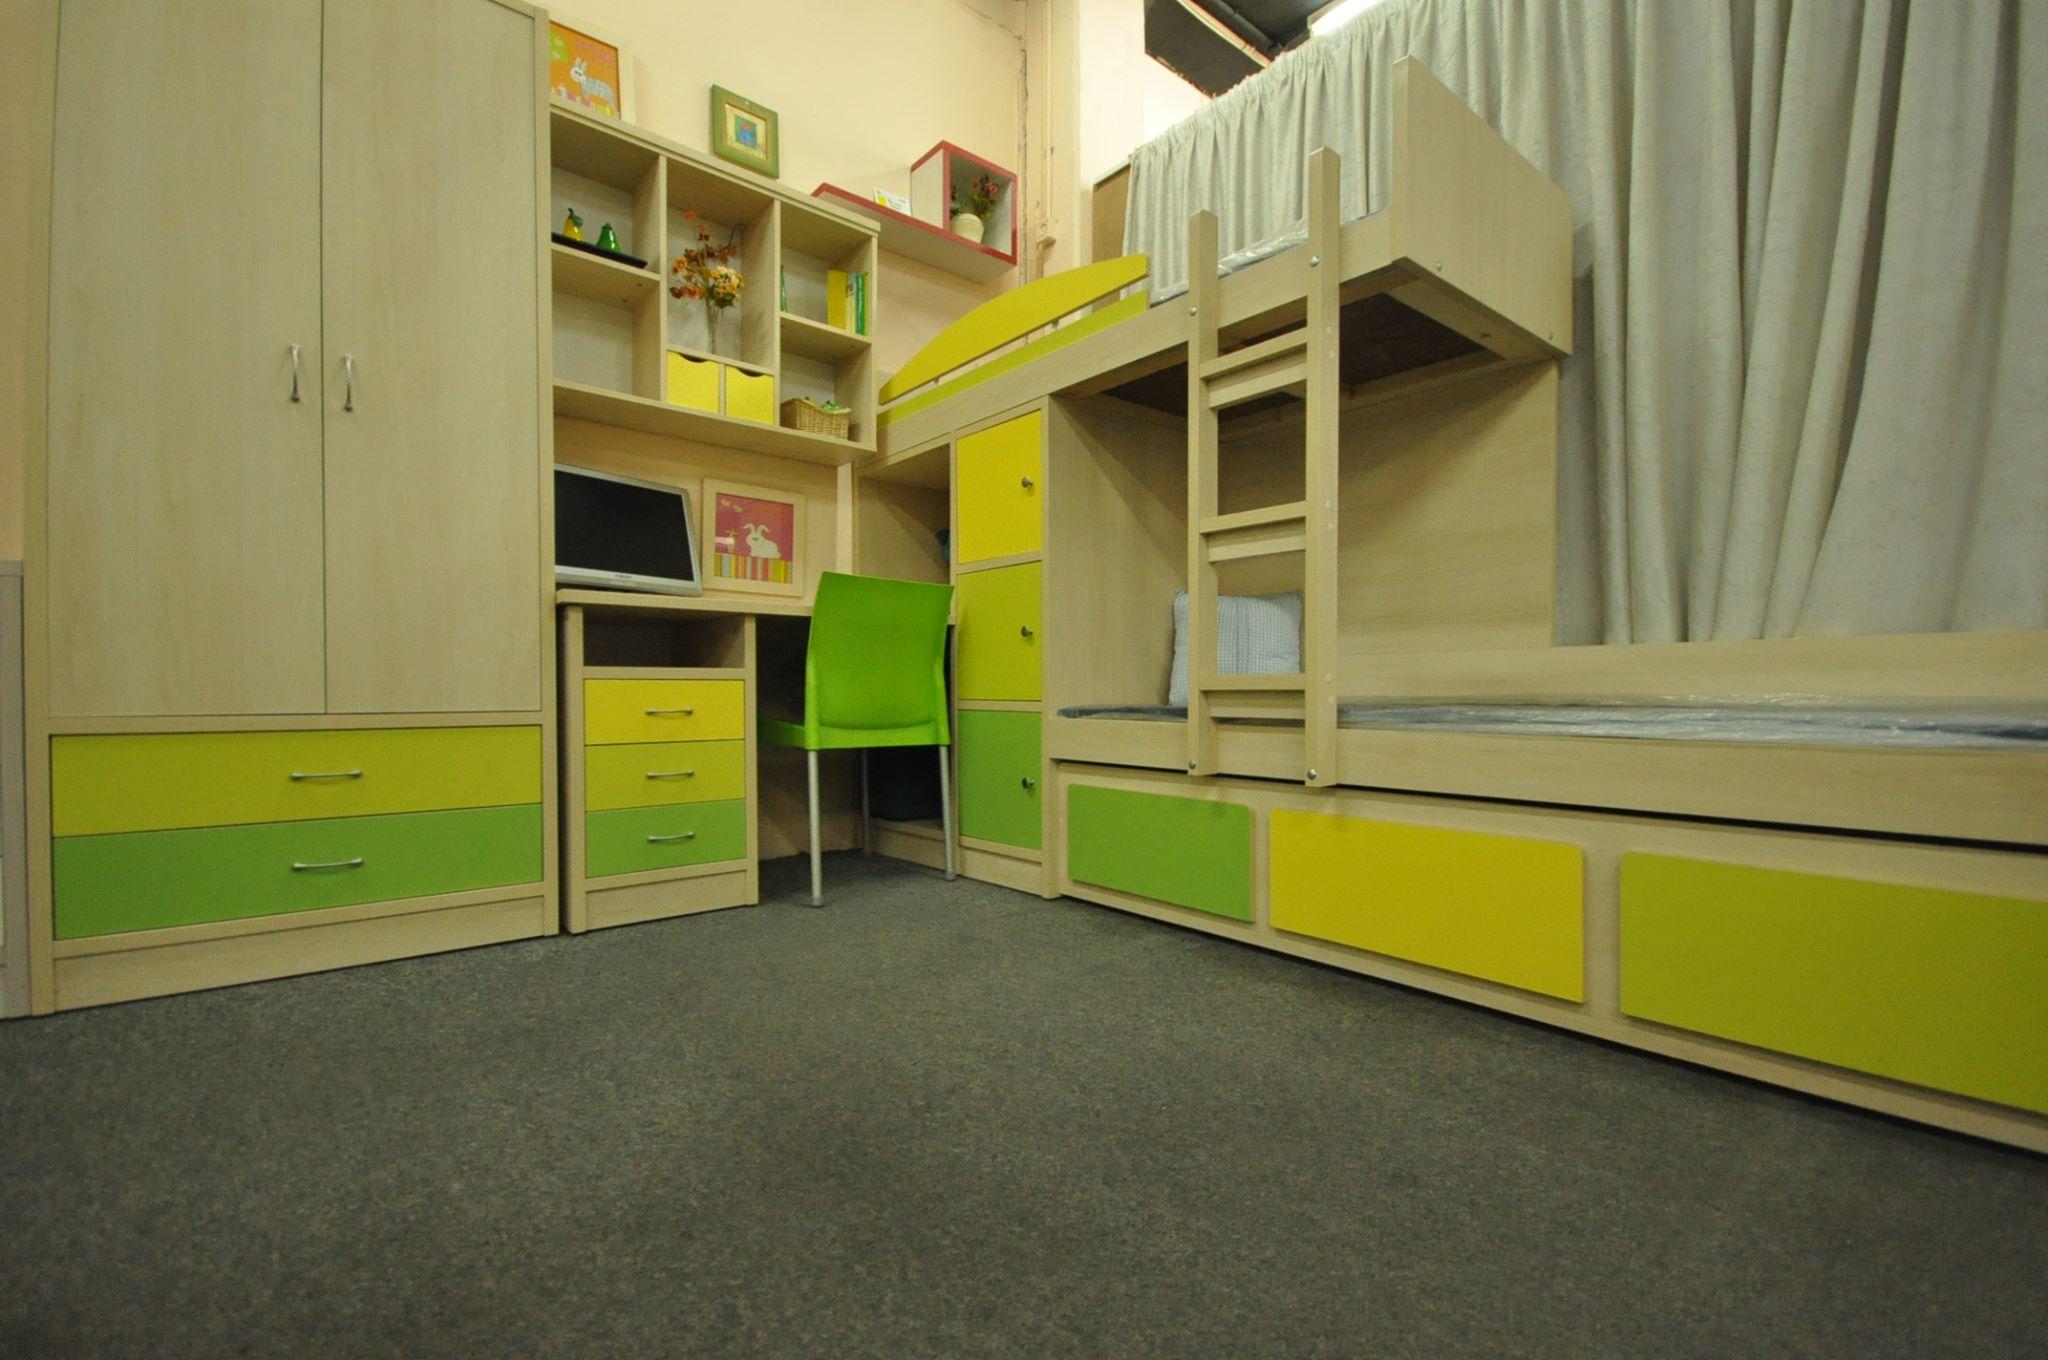 חדר רכבת לוגו פסטוק צהוב.jpg